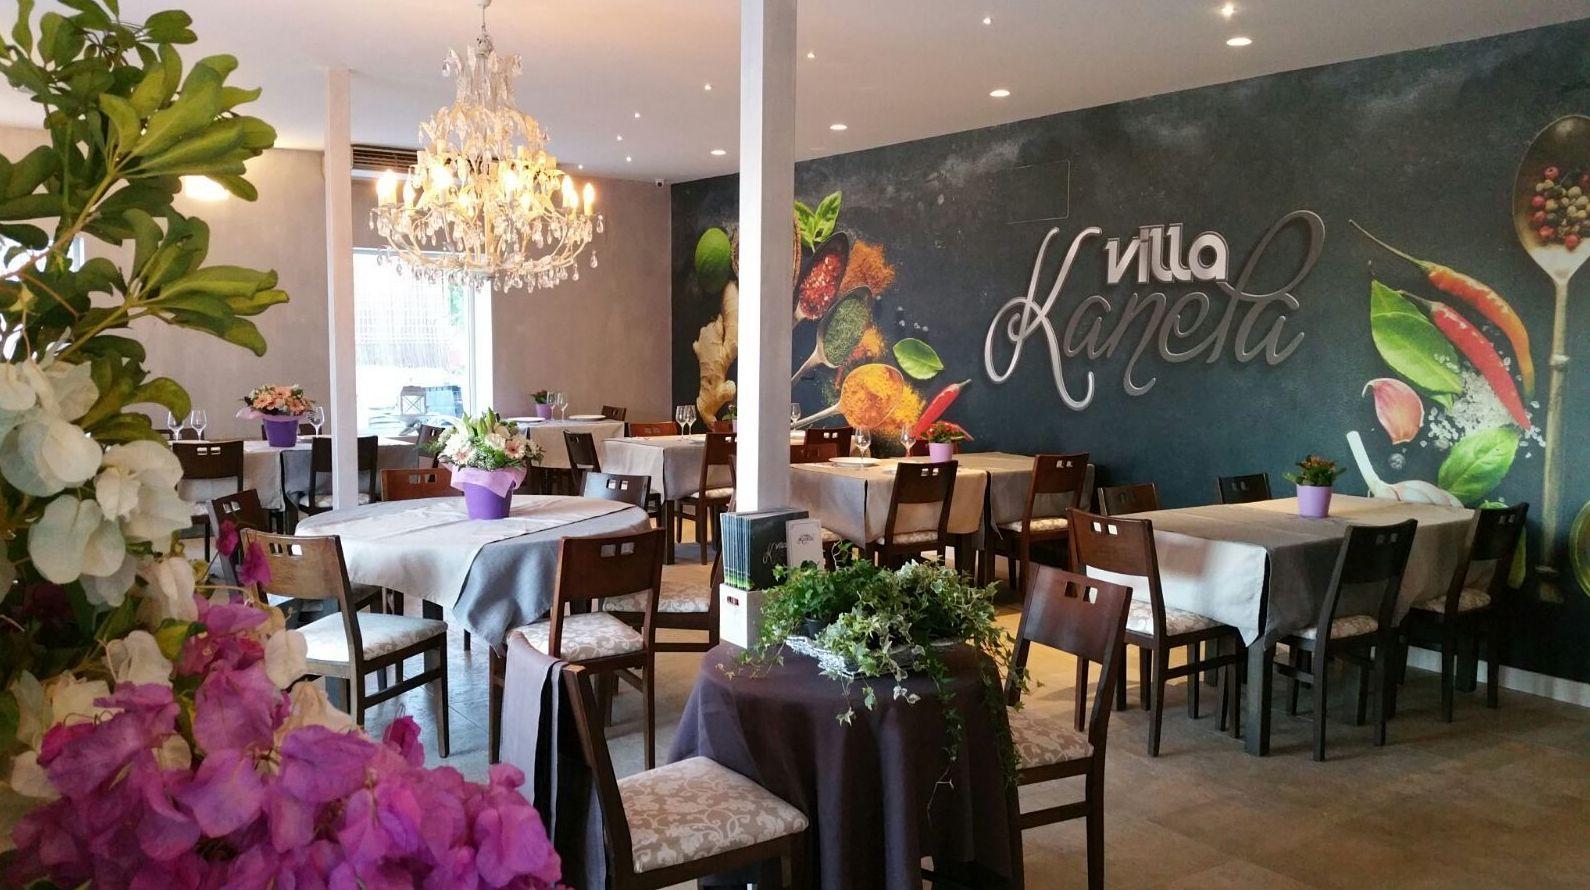 Foto 1 de Restaurante en Alicante | Restaurante Caruso